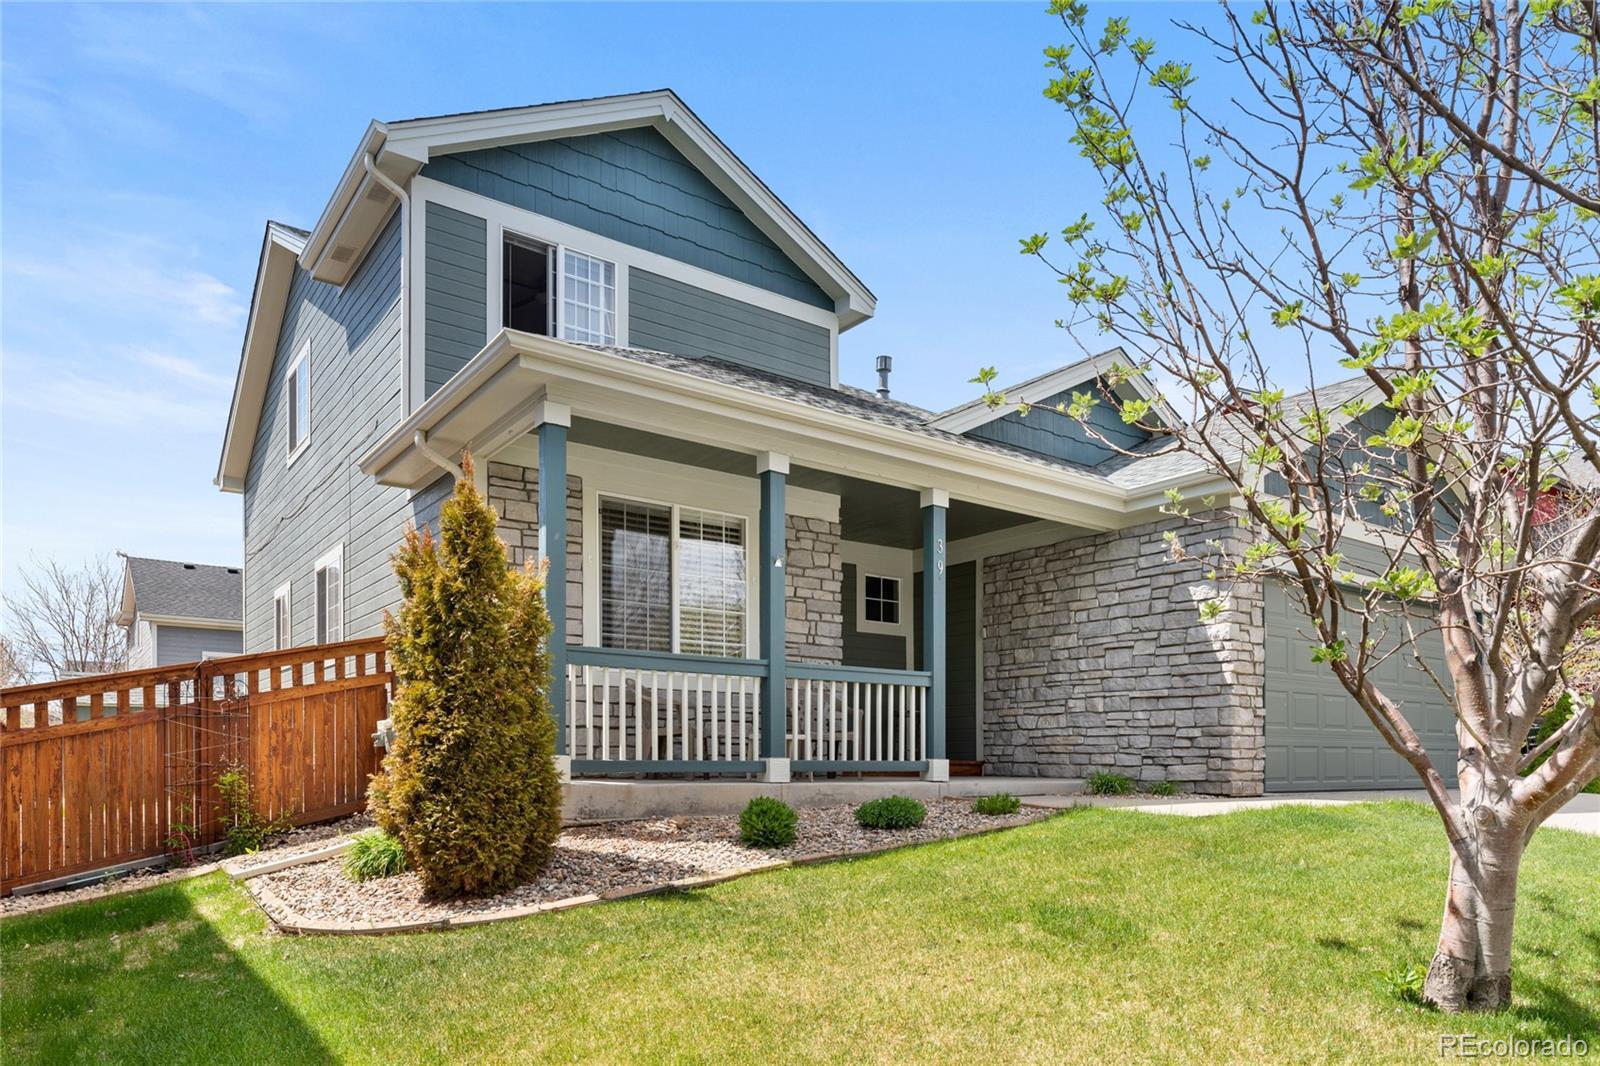 39 Paloma Avenue, Brighton, CO 80601 - Brighton, CO real estate listing